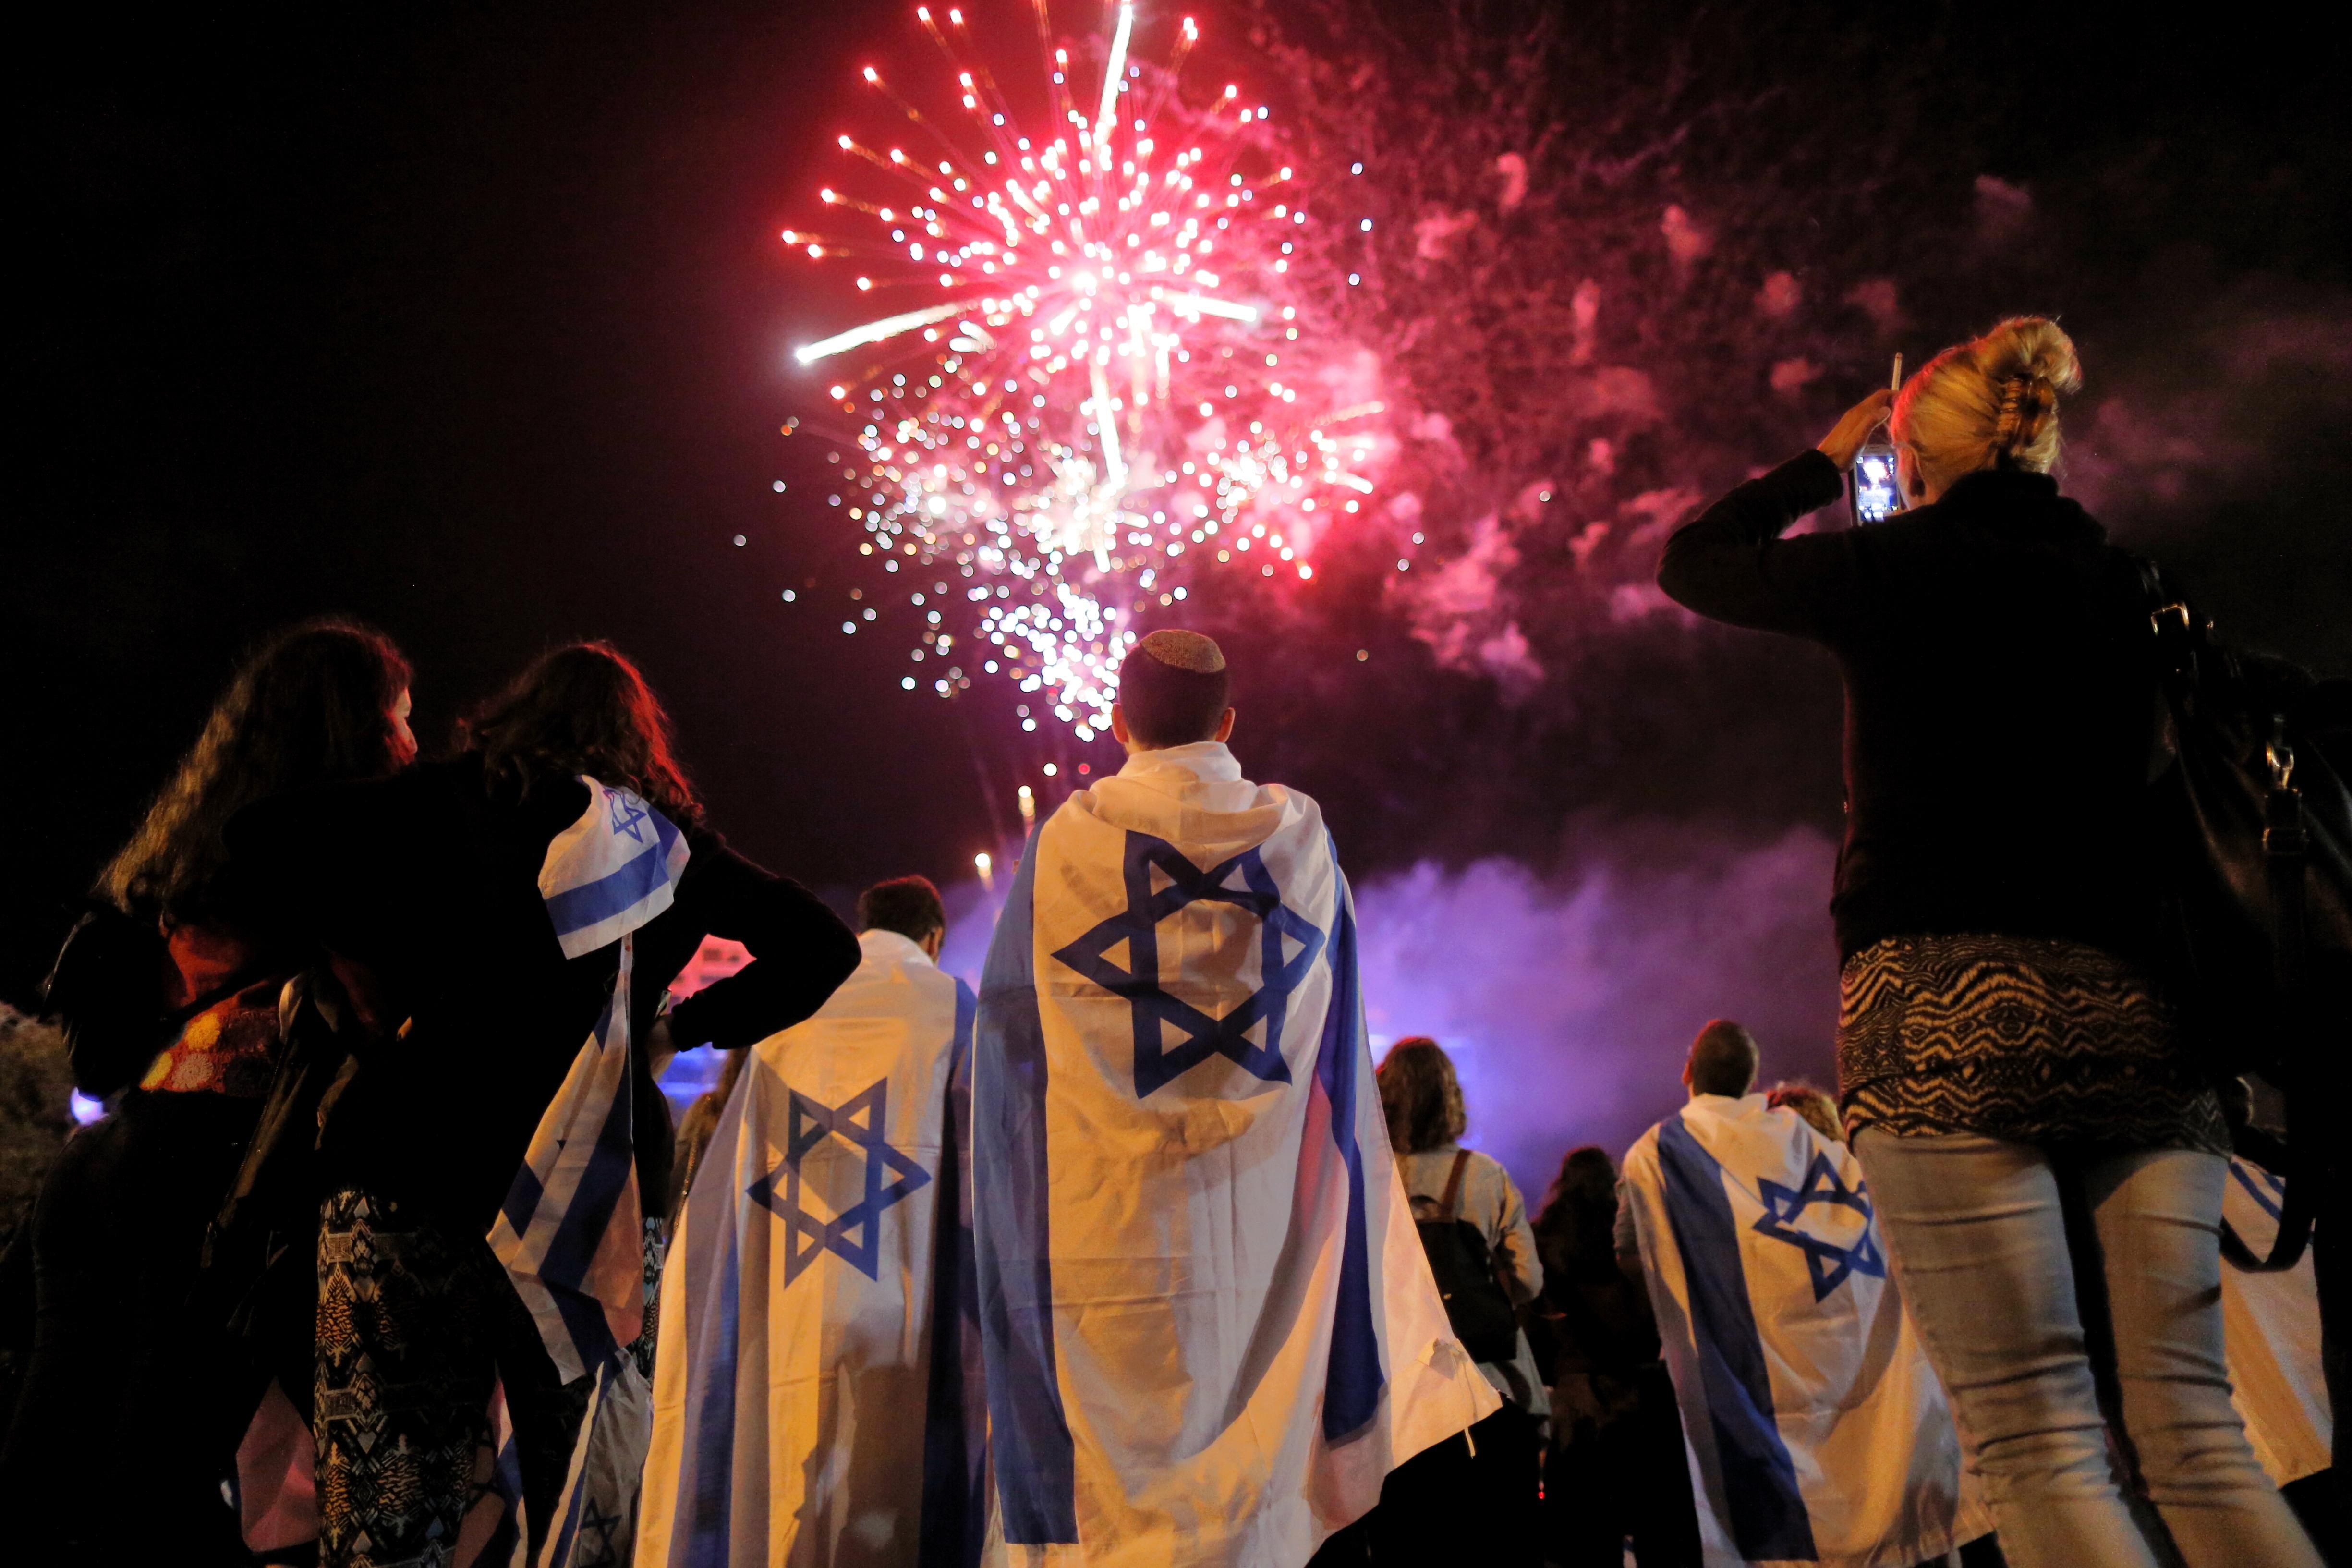 Jerusalem Israel Celebrates 67 Years Of Independence